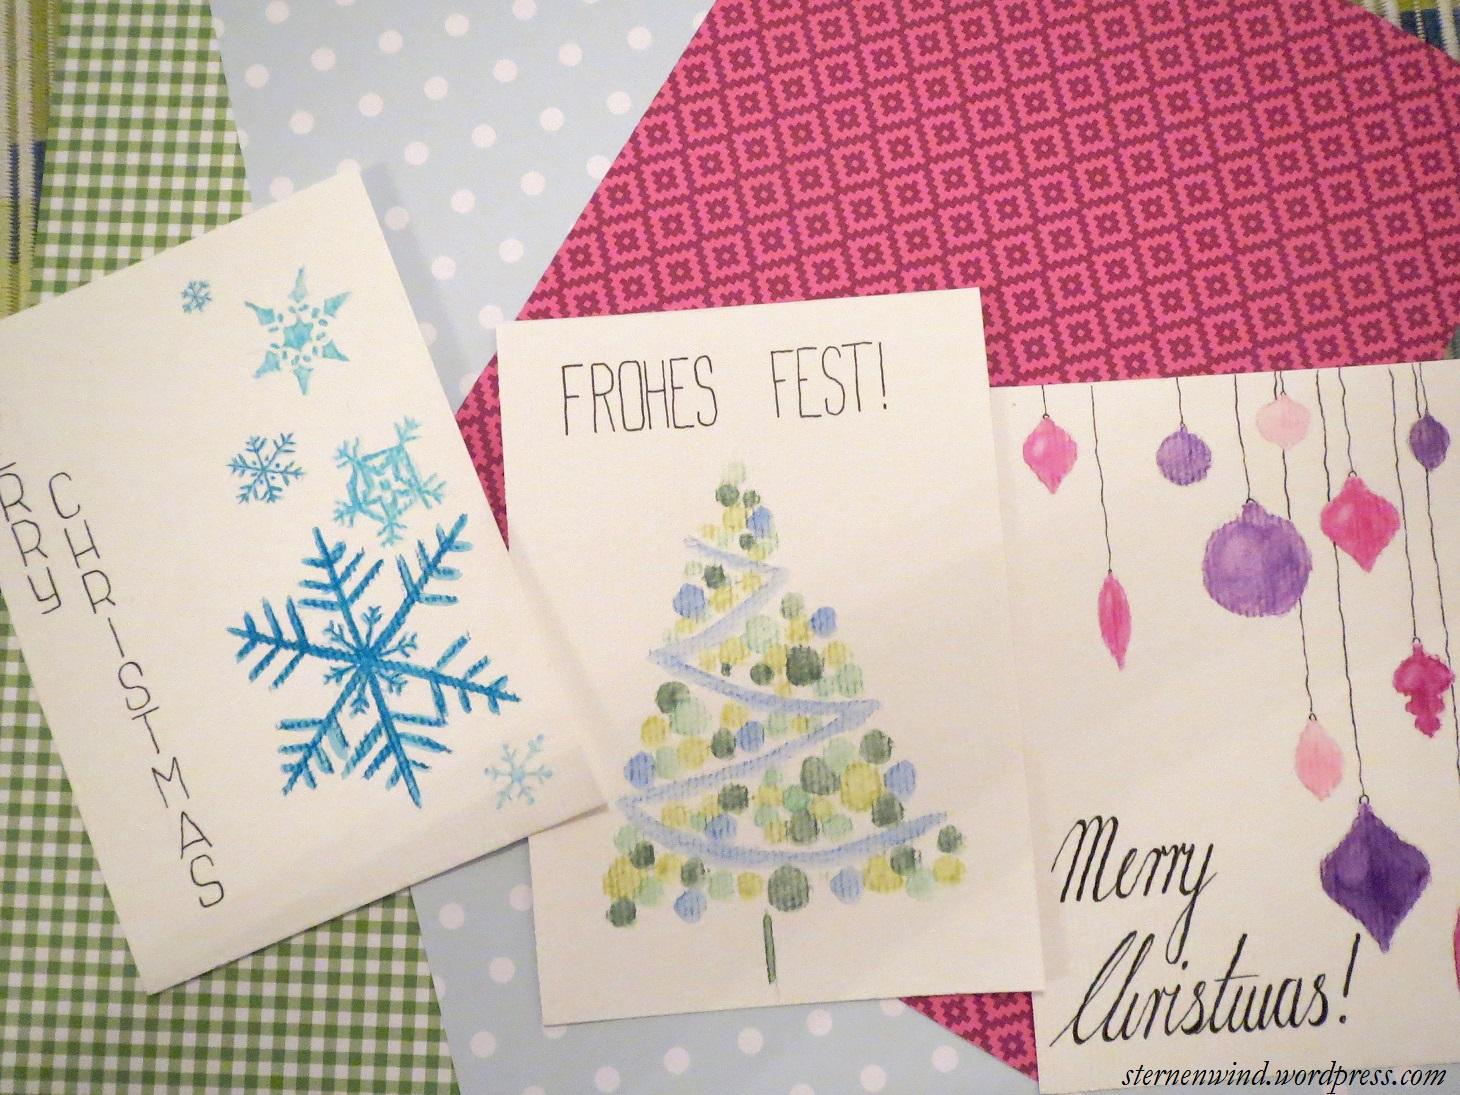 Gemalte Weihnachtskarten.Diy Selbstgemalte Weihnachtskarten Sternenwind Blog